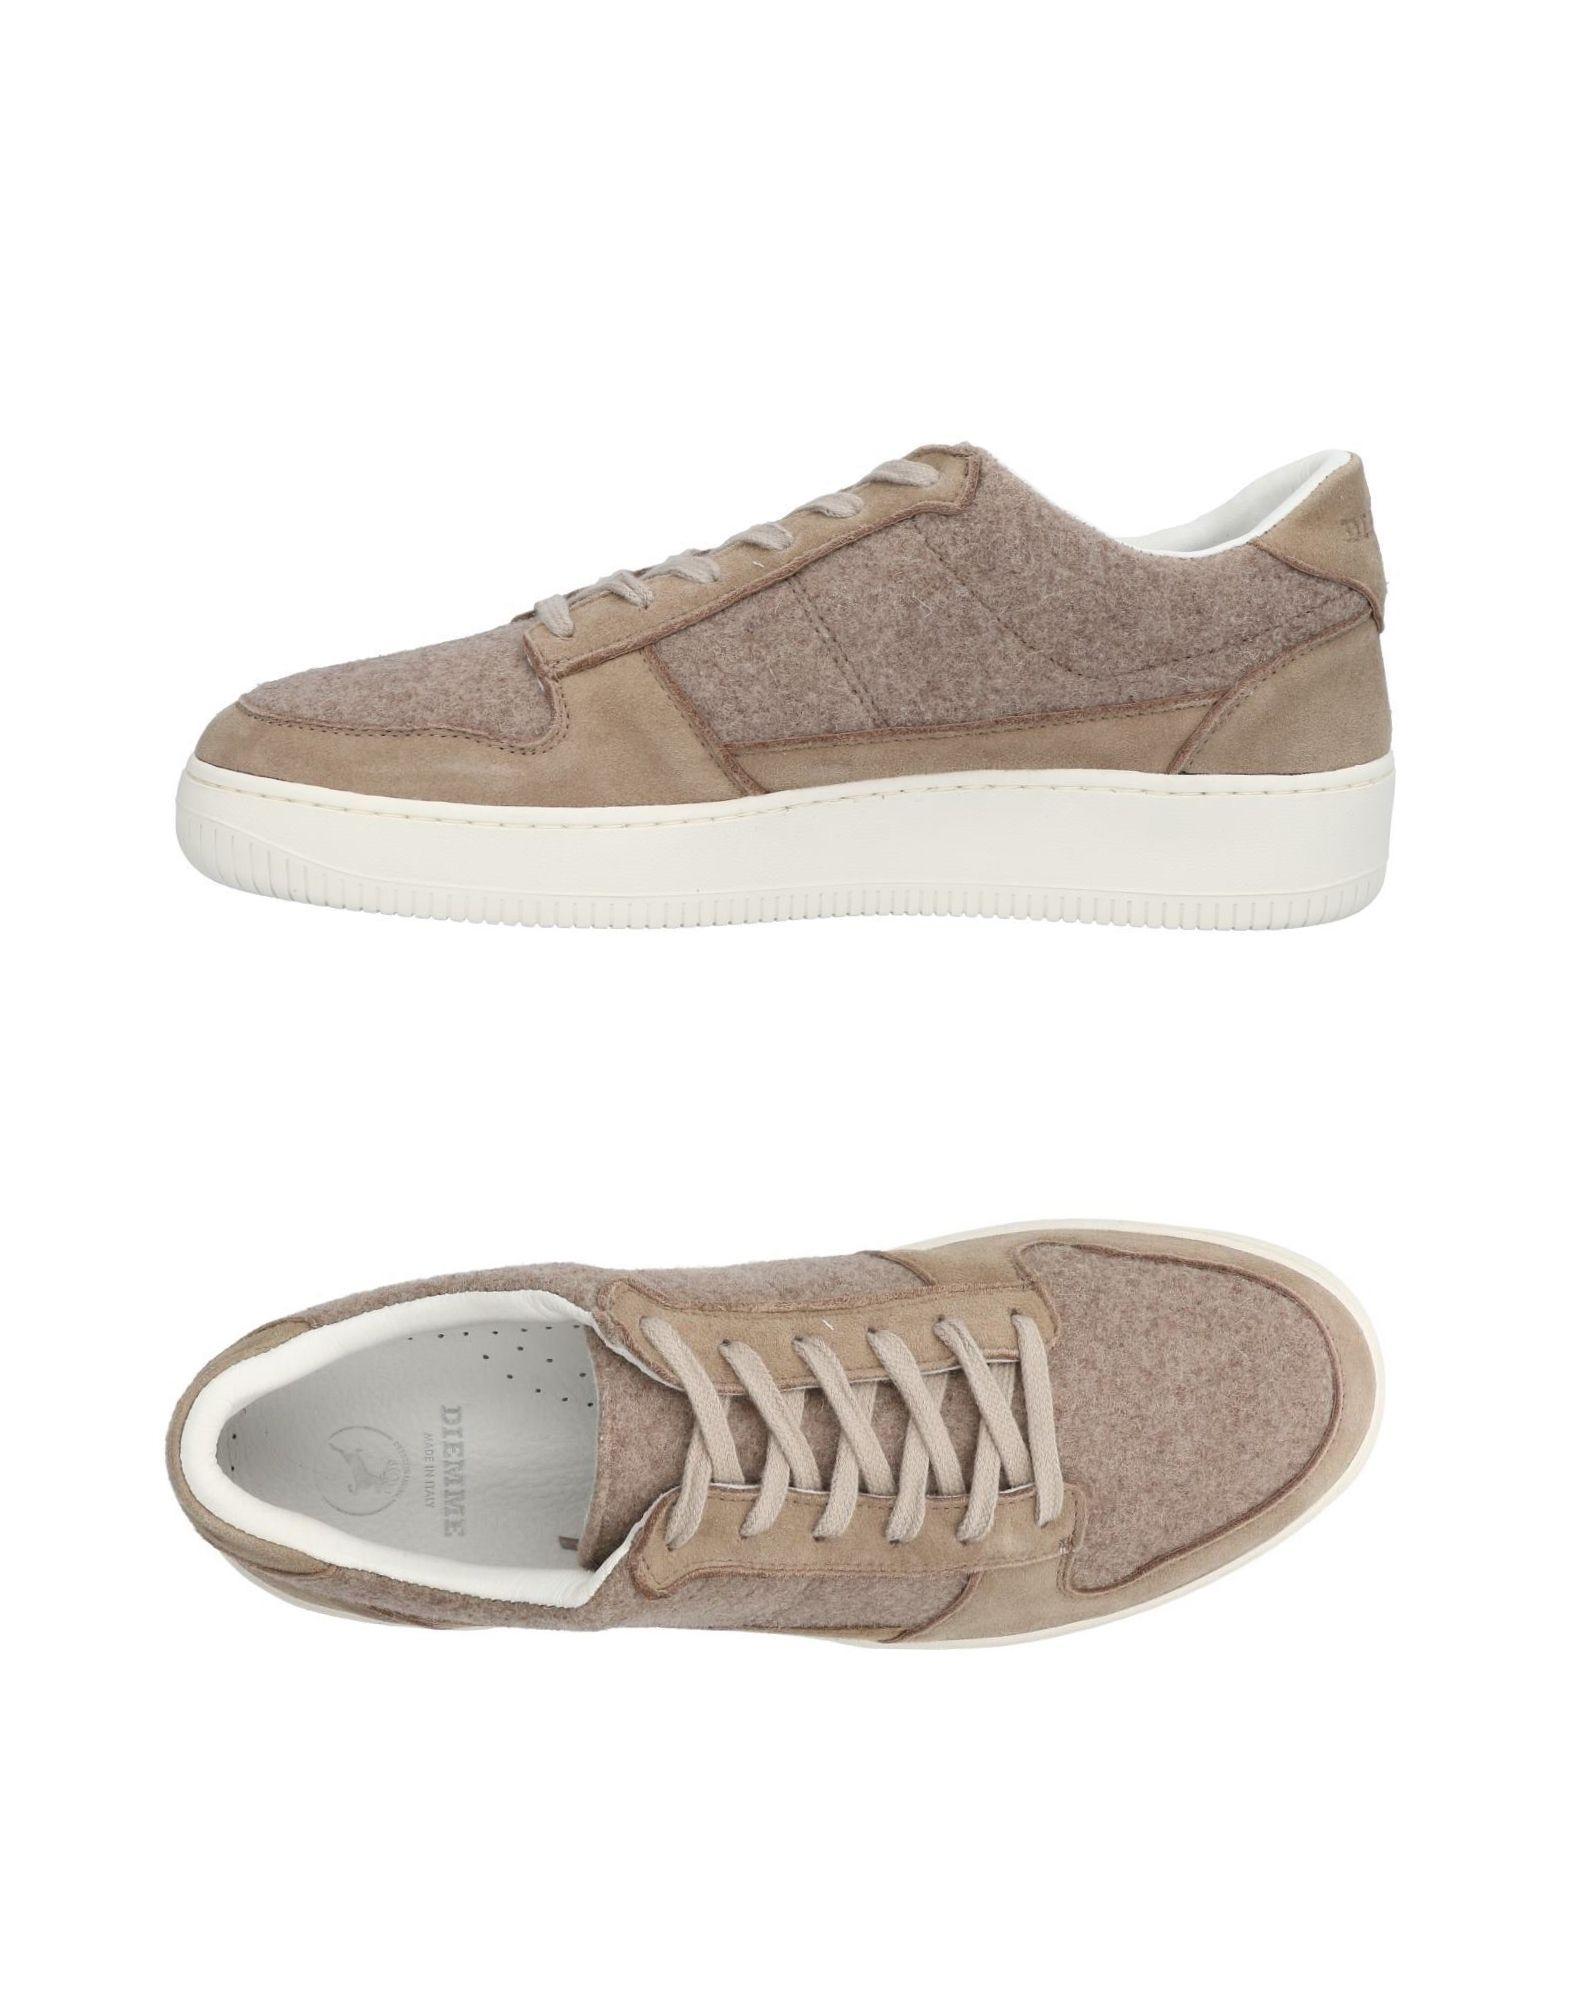 Diemme Sneakers - Men  Diemme Sneakers online on  Men Canada - 11418879FX 904969